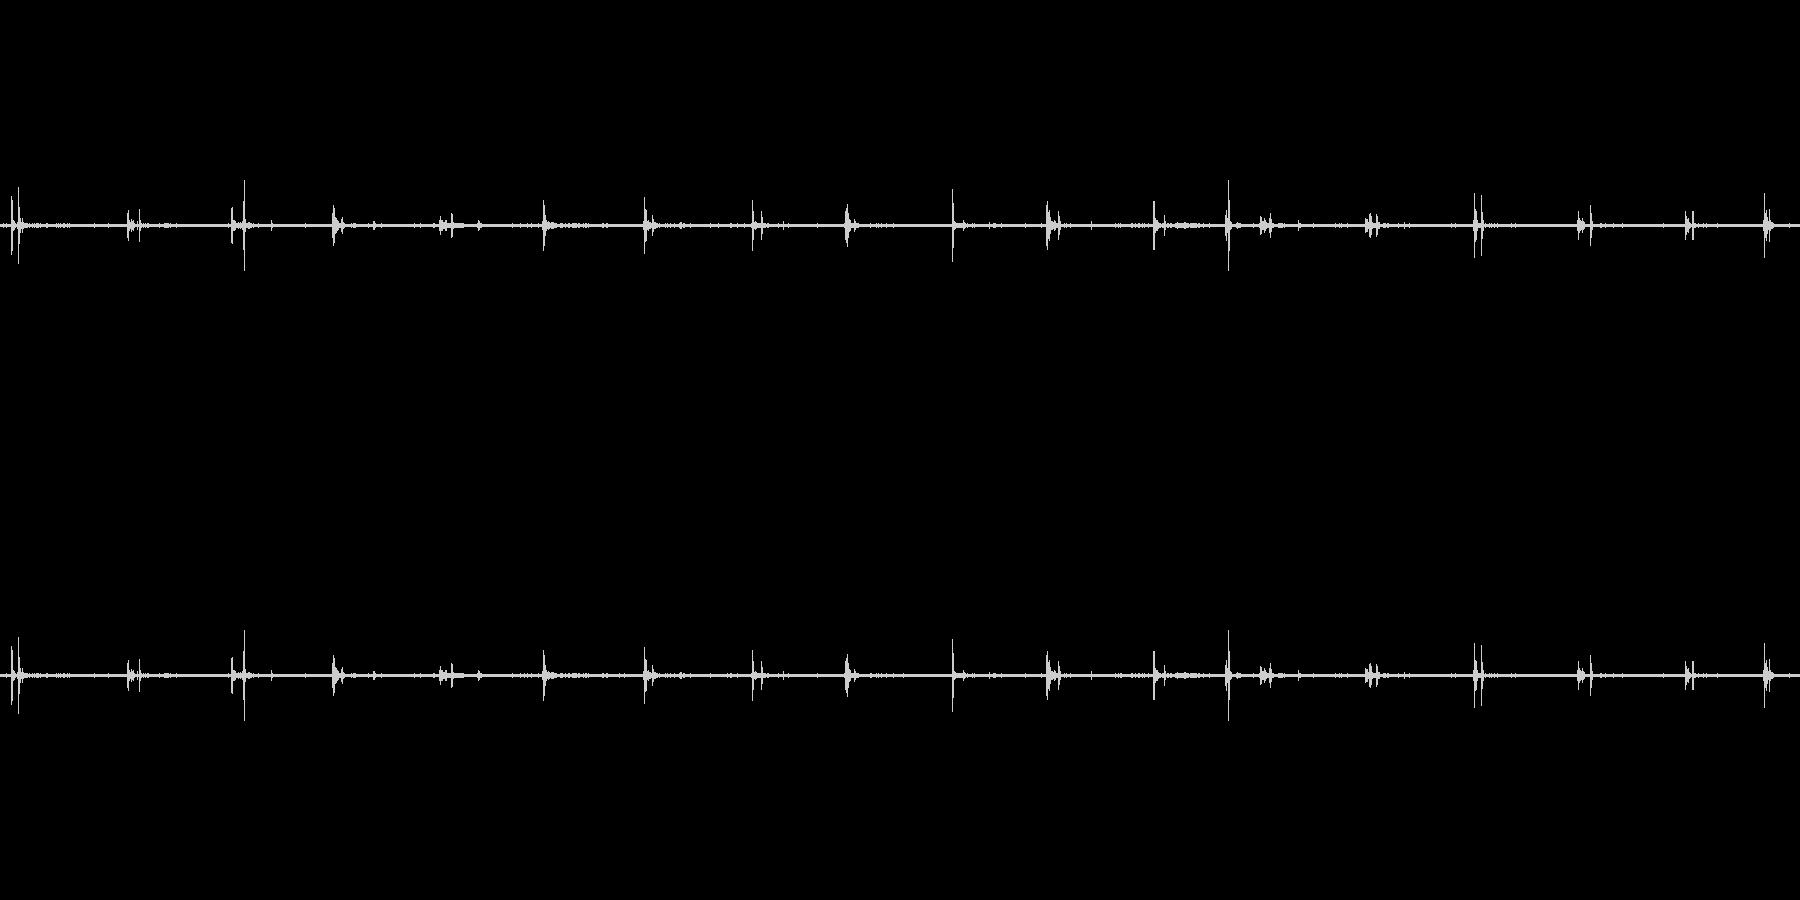 【生音】足音 - スニーカー 02の未再生の波形